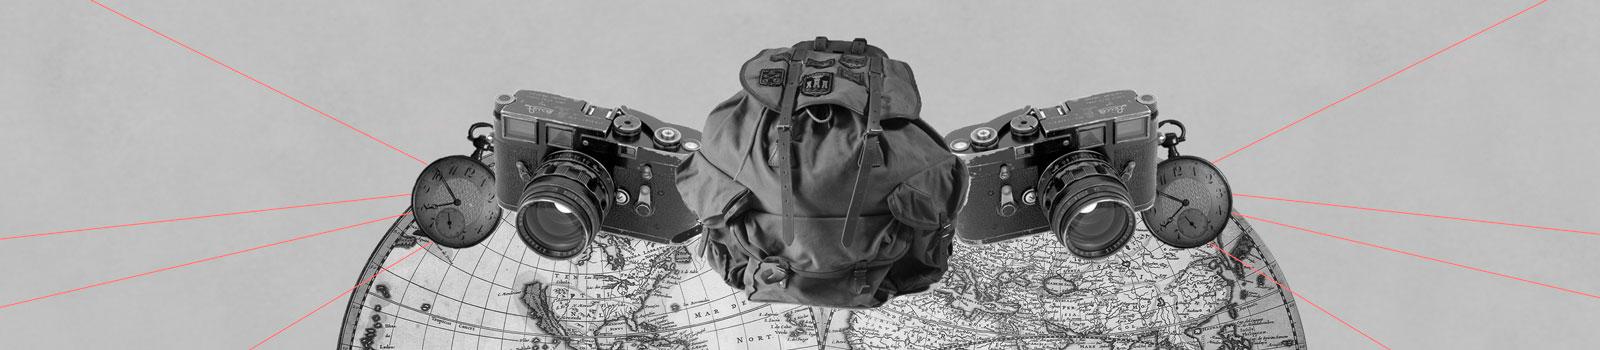 Reisepackliste abhacken